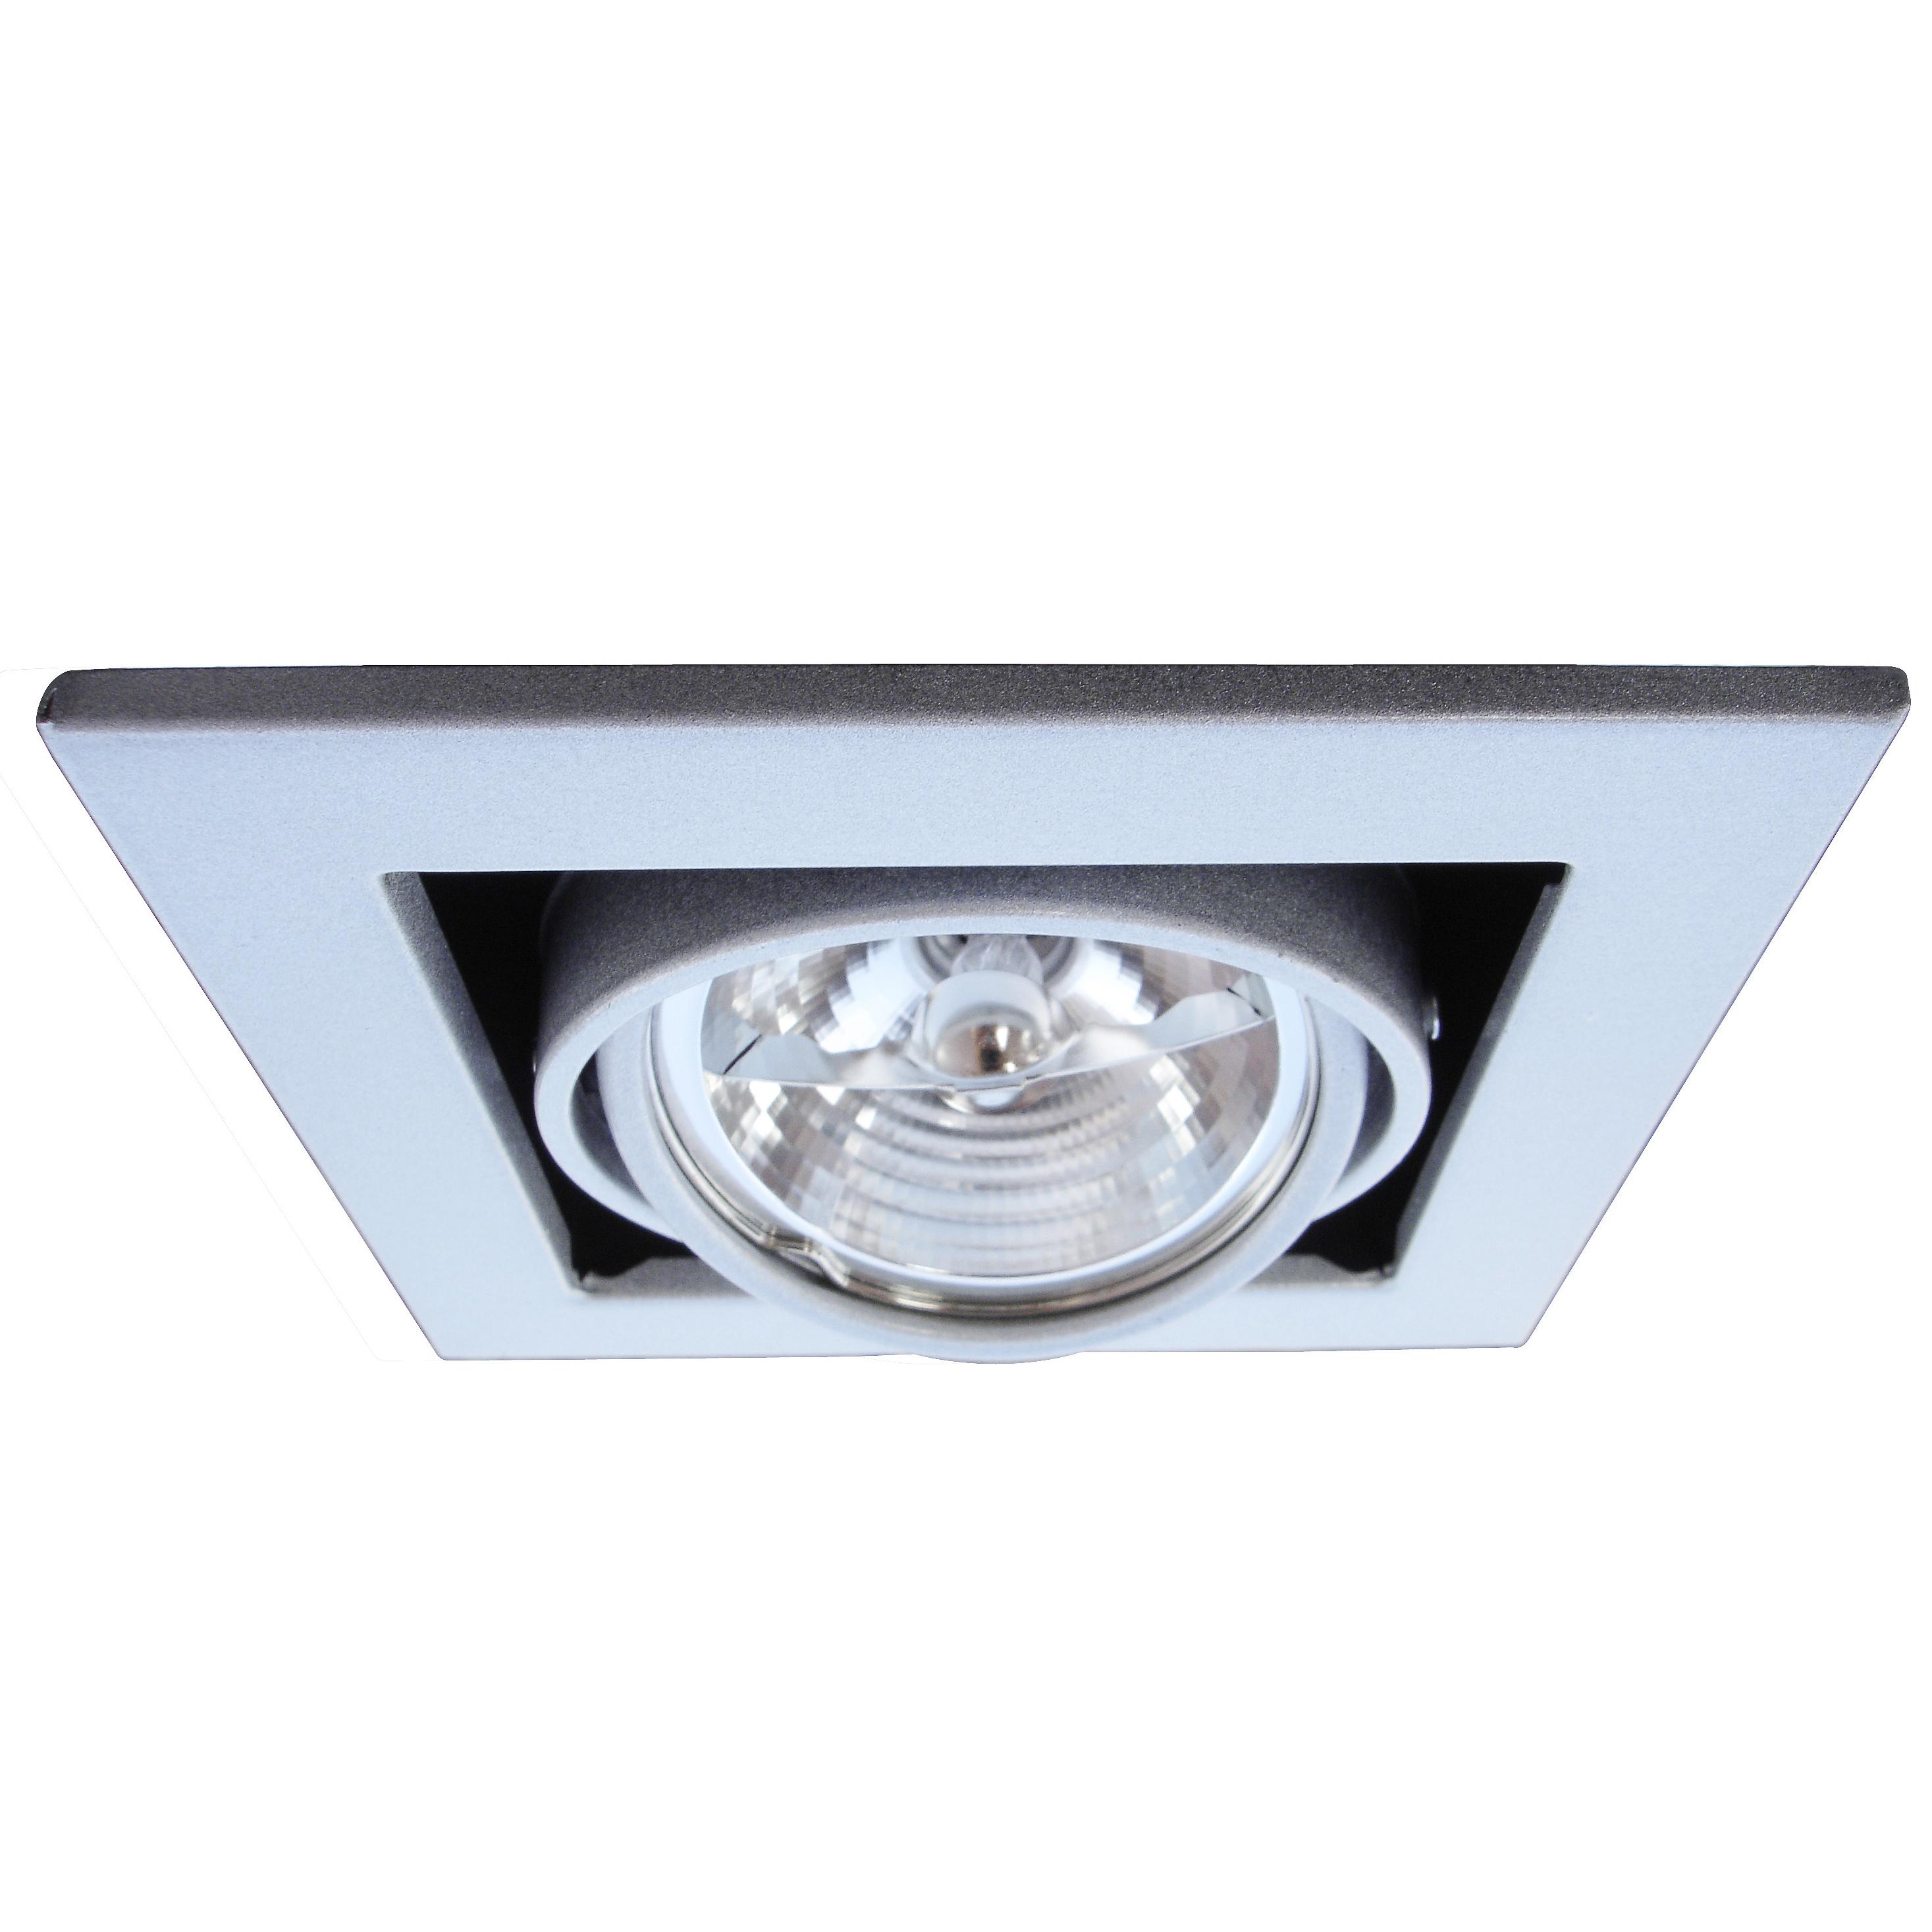 Светильник встраиваемый Arte lamp Technika a5930pl-1si